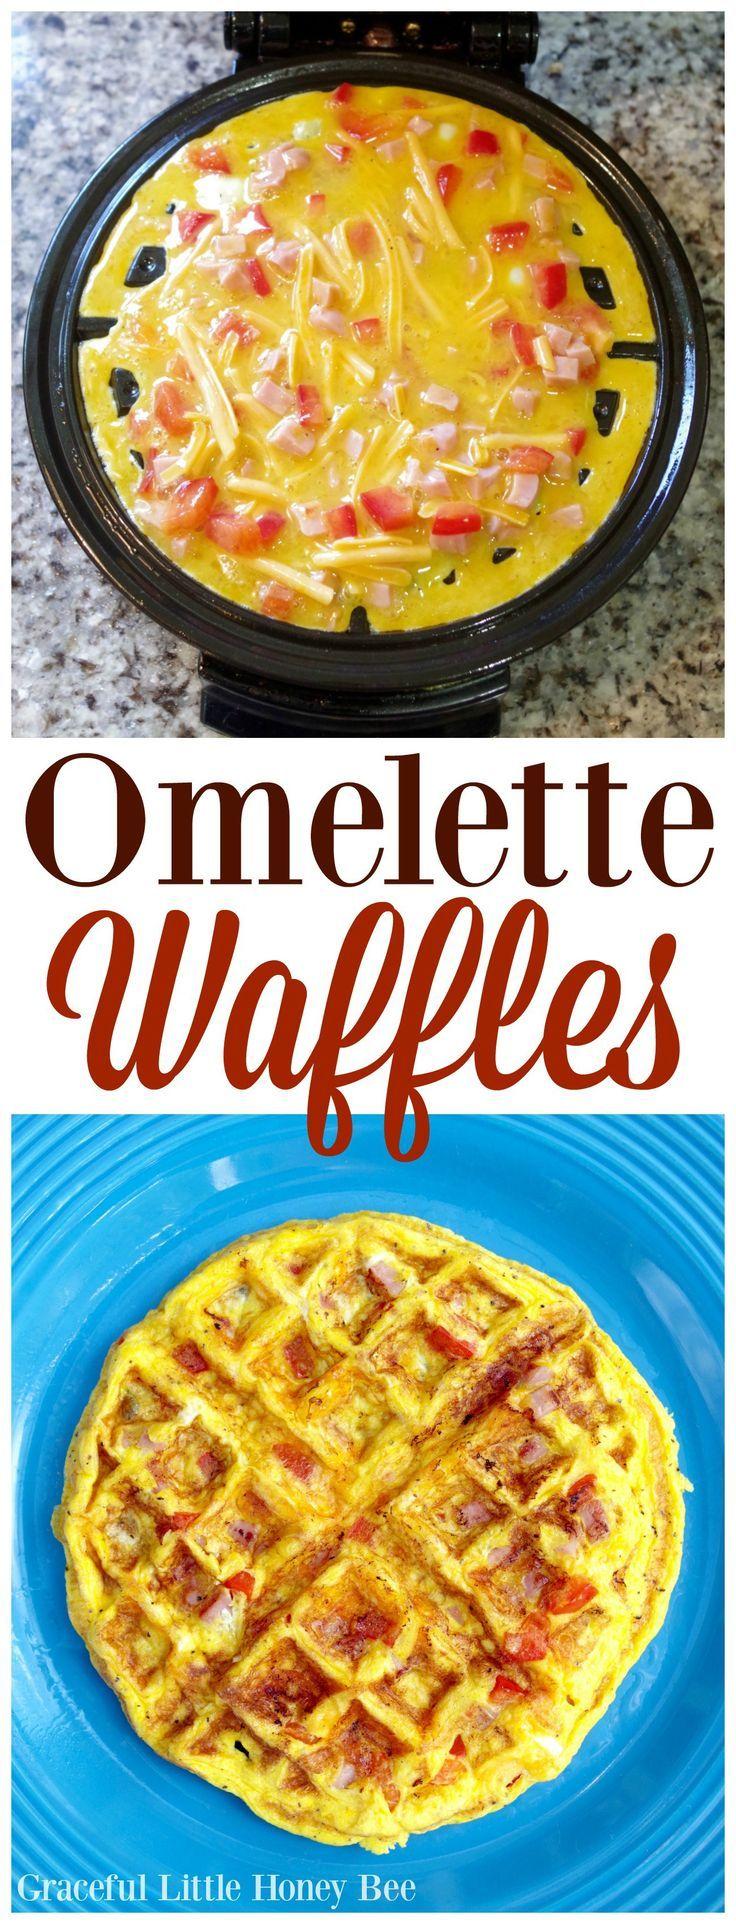 Omelette Waffles - Graceful Little Honey Bee